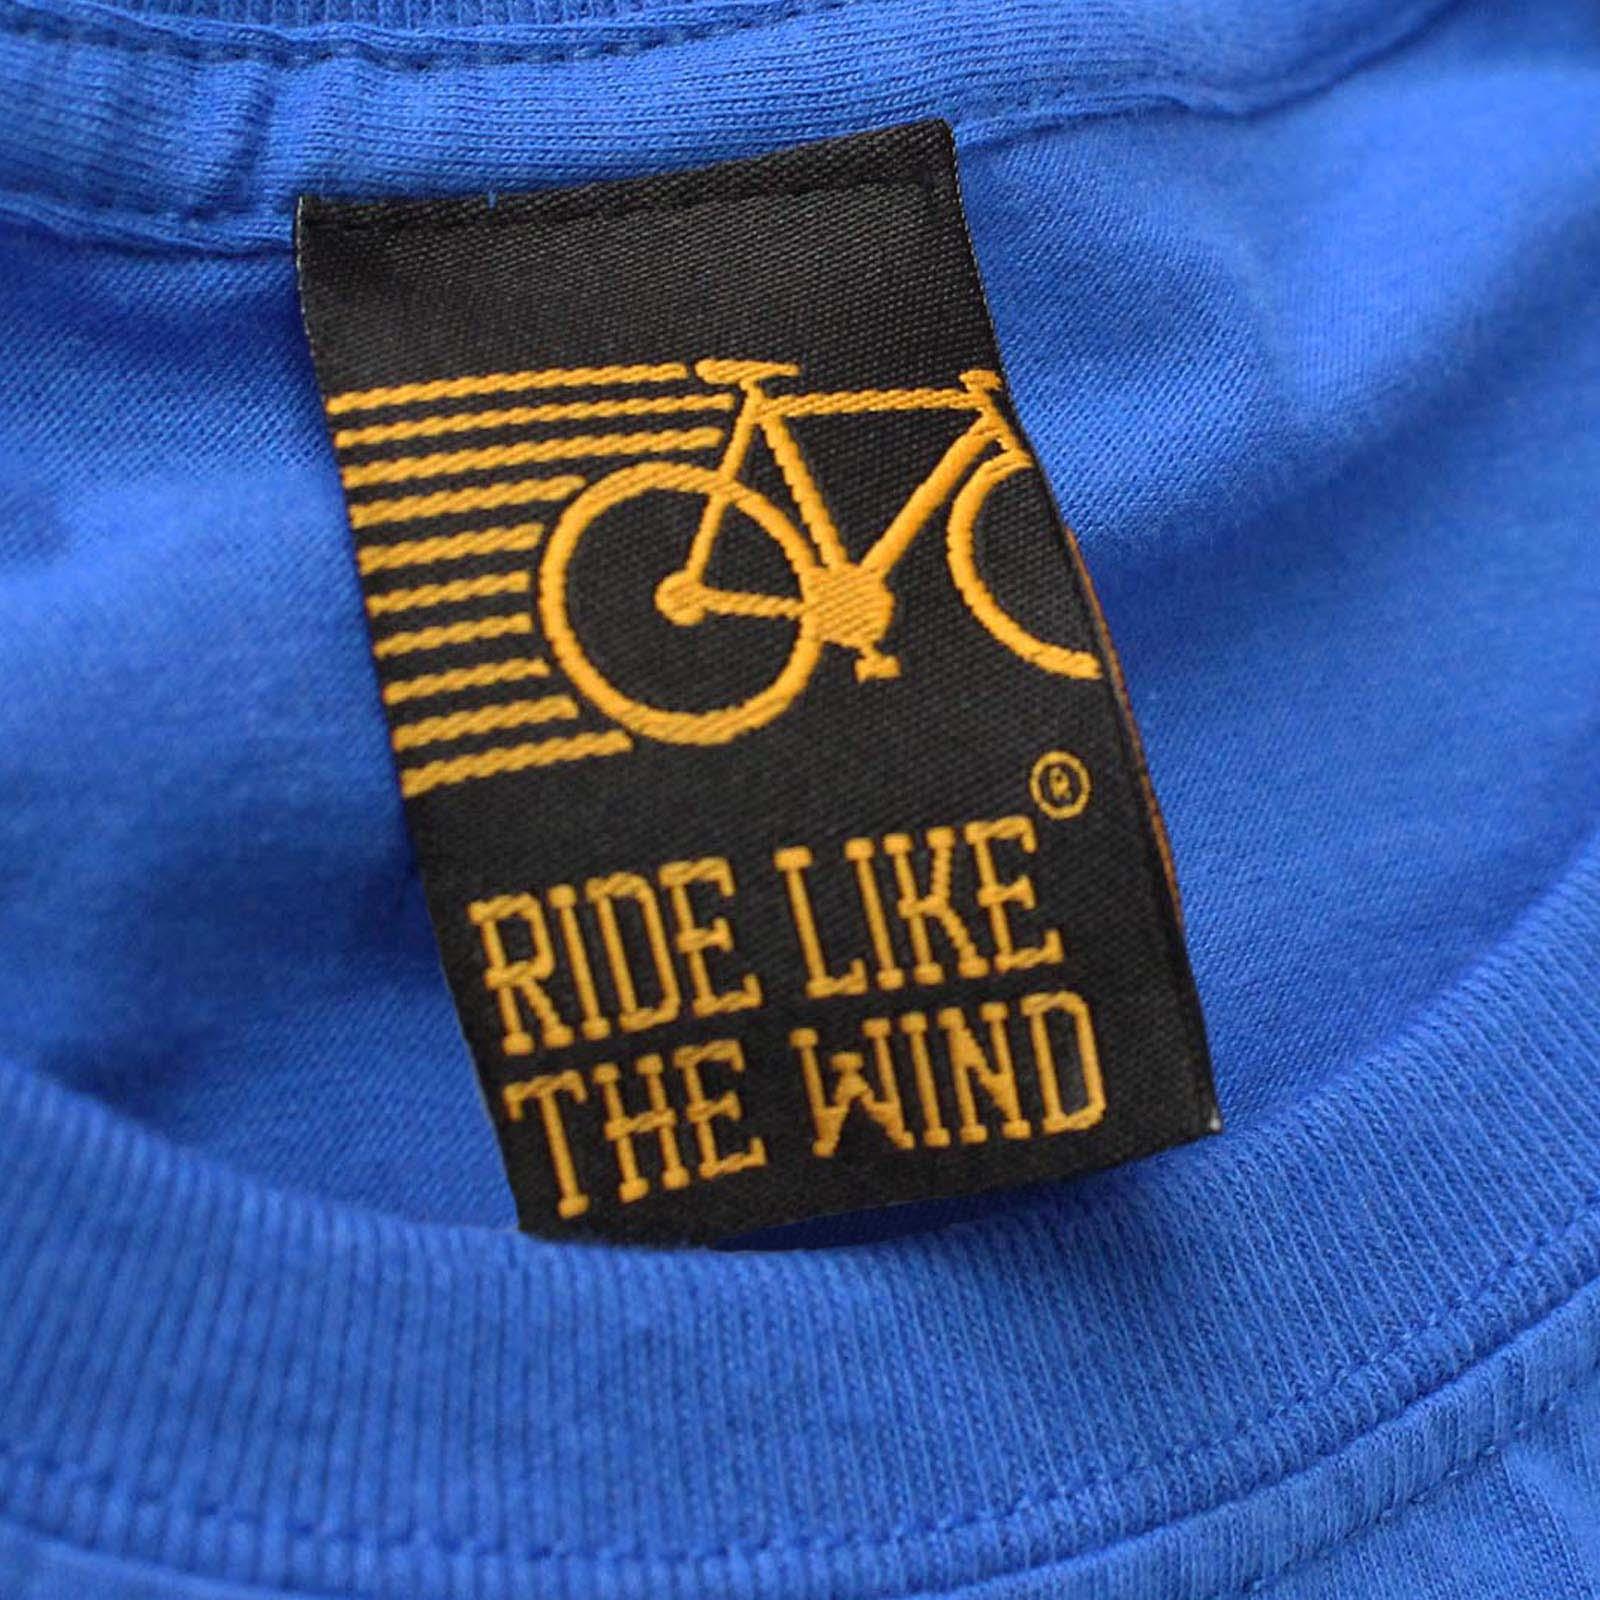 FB-Cycling-Tee-Ocd-Cycling-Novelty-Birthday-Christmas-Gift-Mens-T-Shirt thumbnail 39